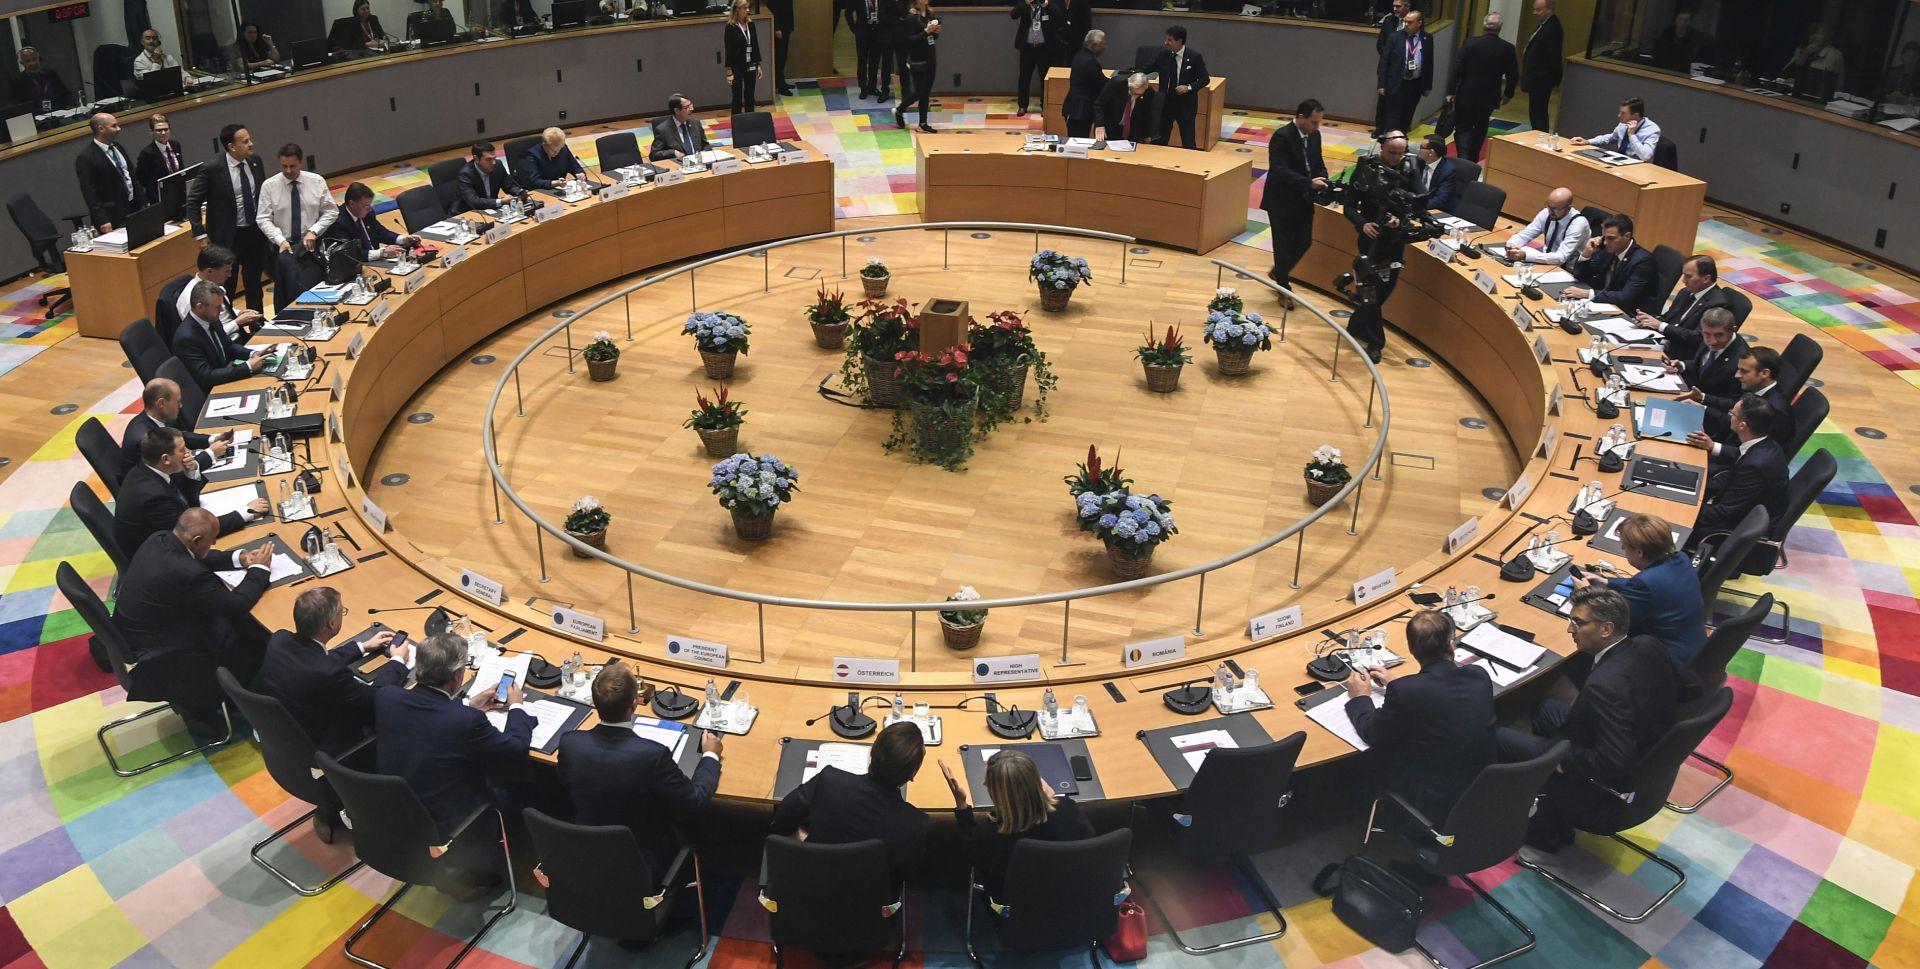 Čelnici EU-a nastavljaju summit, nema pomaka u pregovorima o brexitu